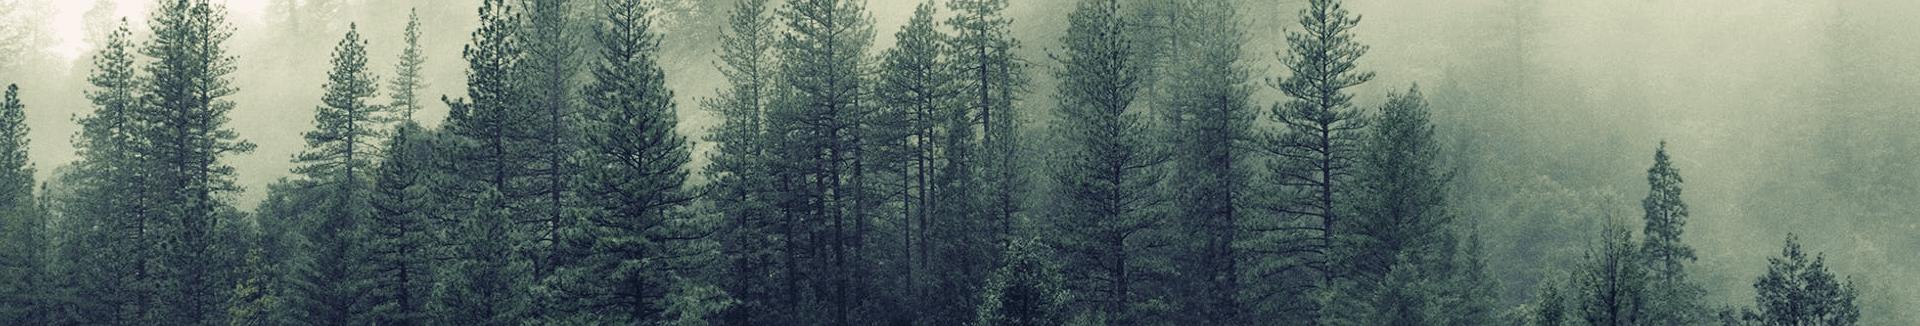 pejse og miljø